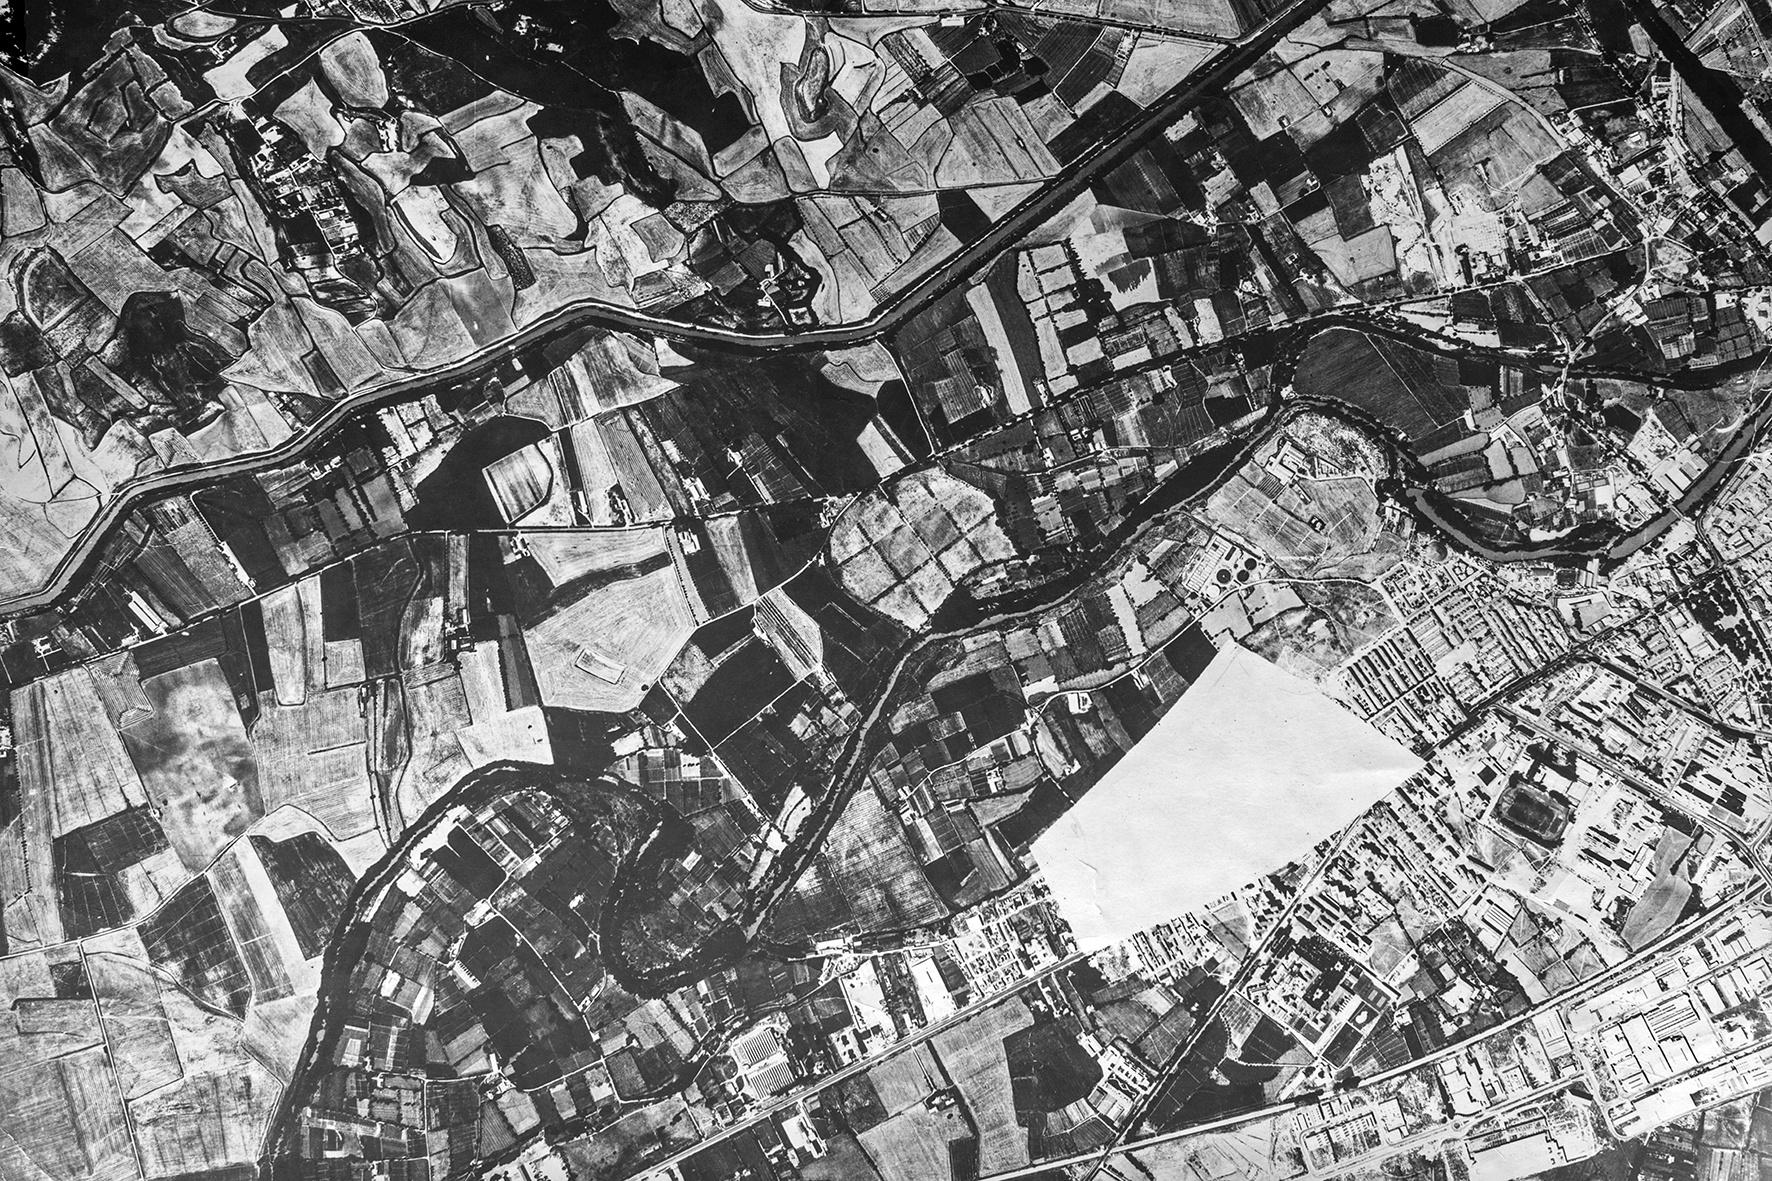 Fábrica de Armas oculta, años 50 - Niebla (2018) - Ana Frechilla, proyecto fotográfico